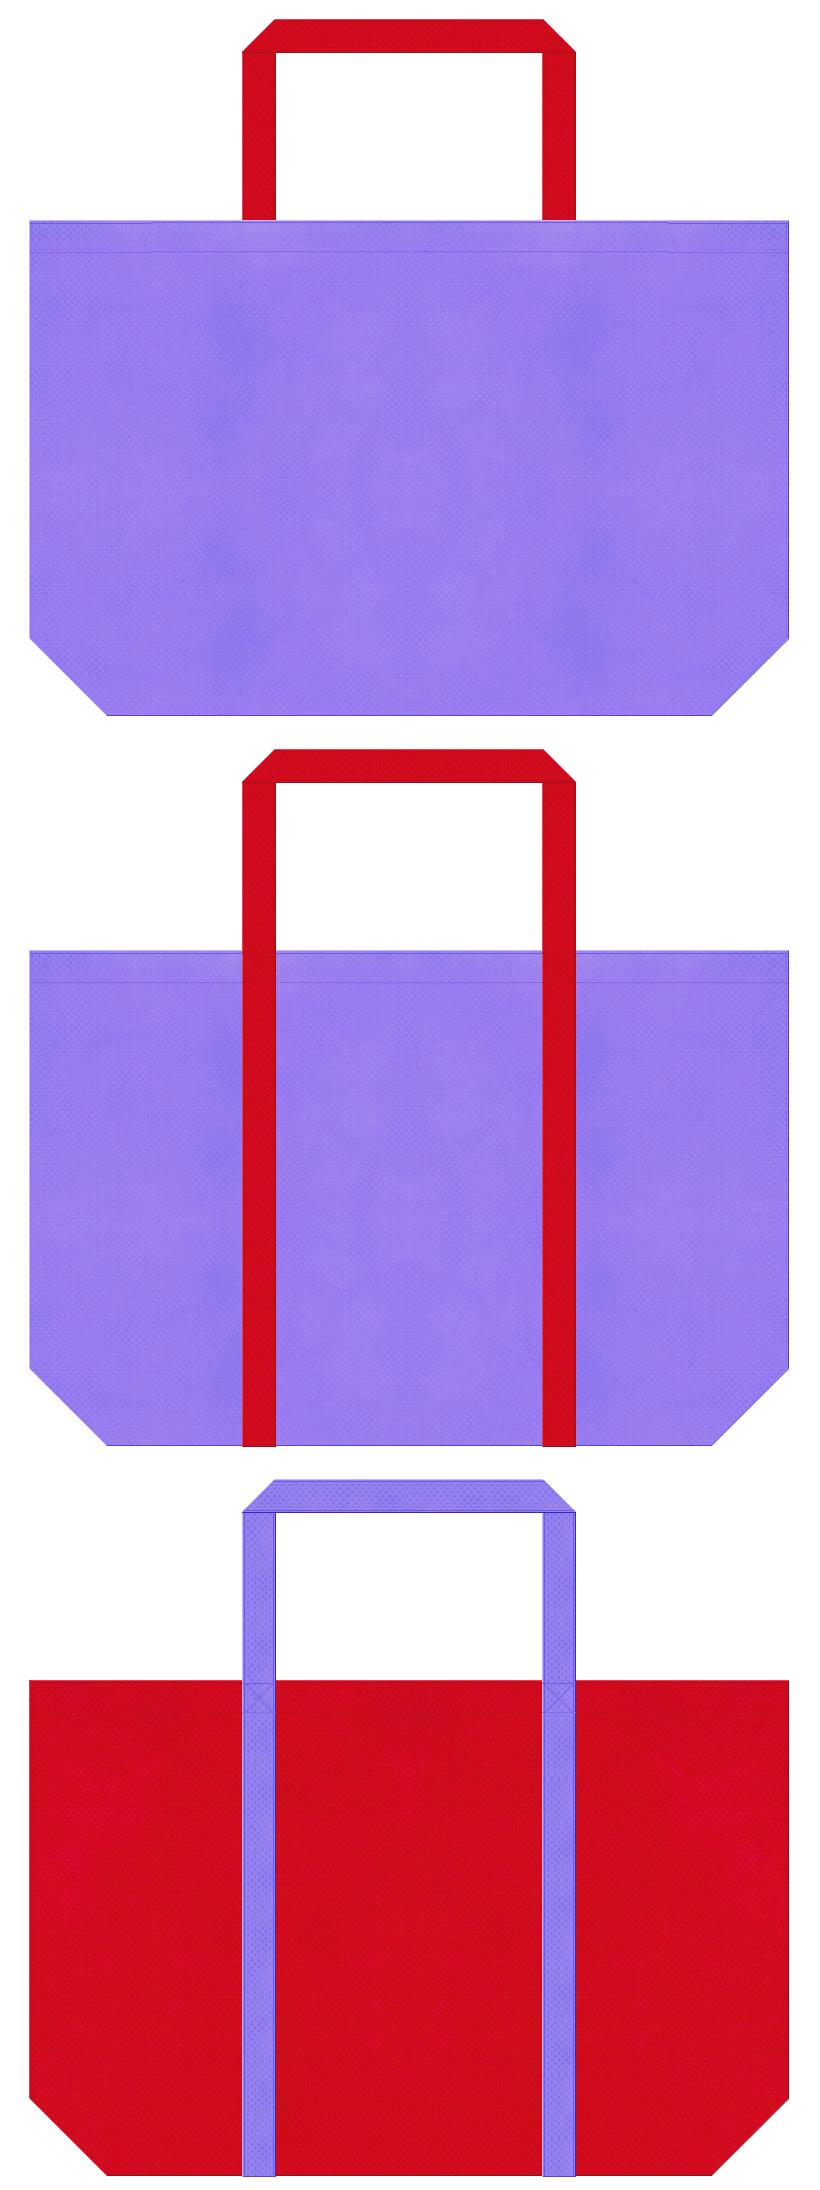 不織布ショッピングバッグ:薄紫色と紅色のデザイン